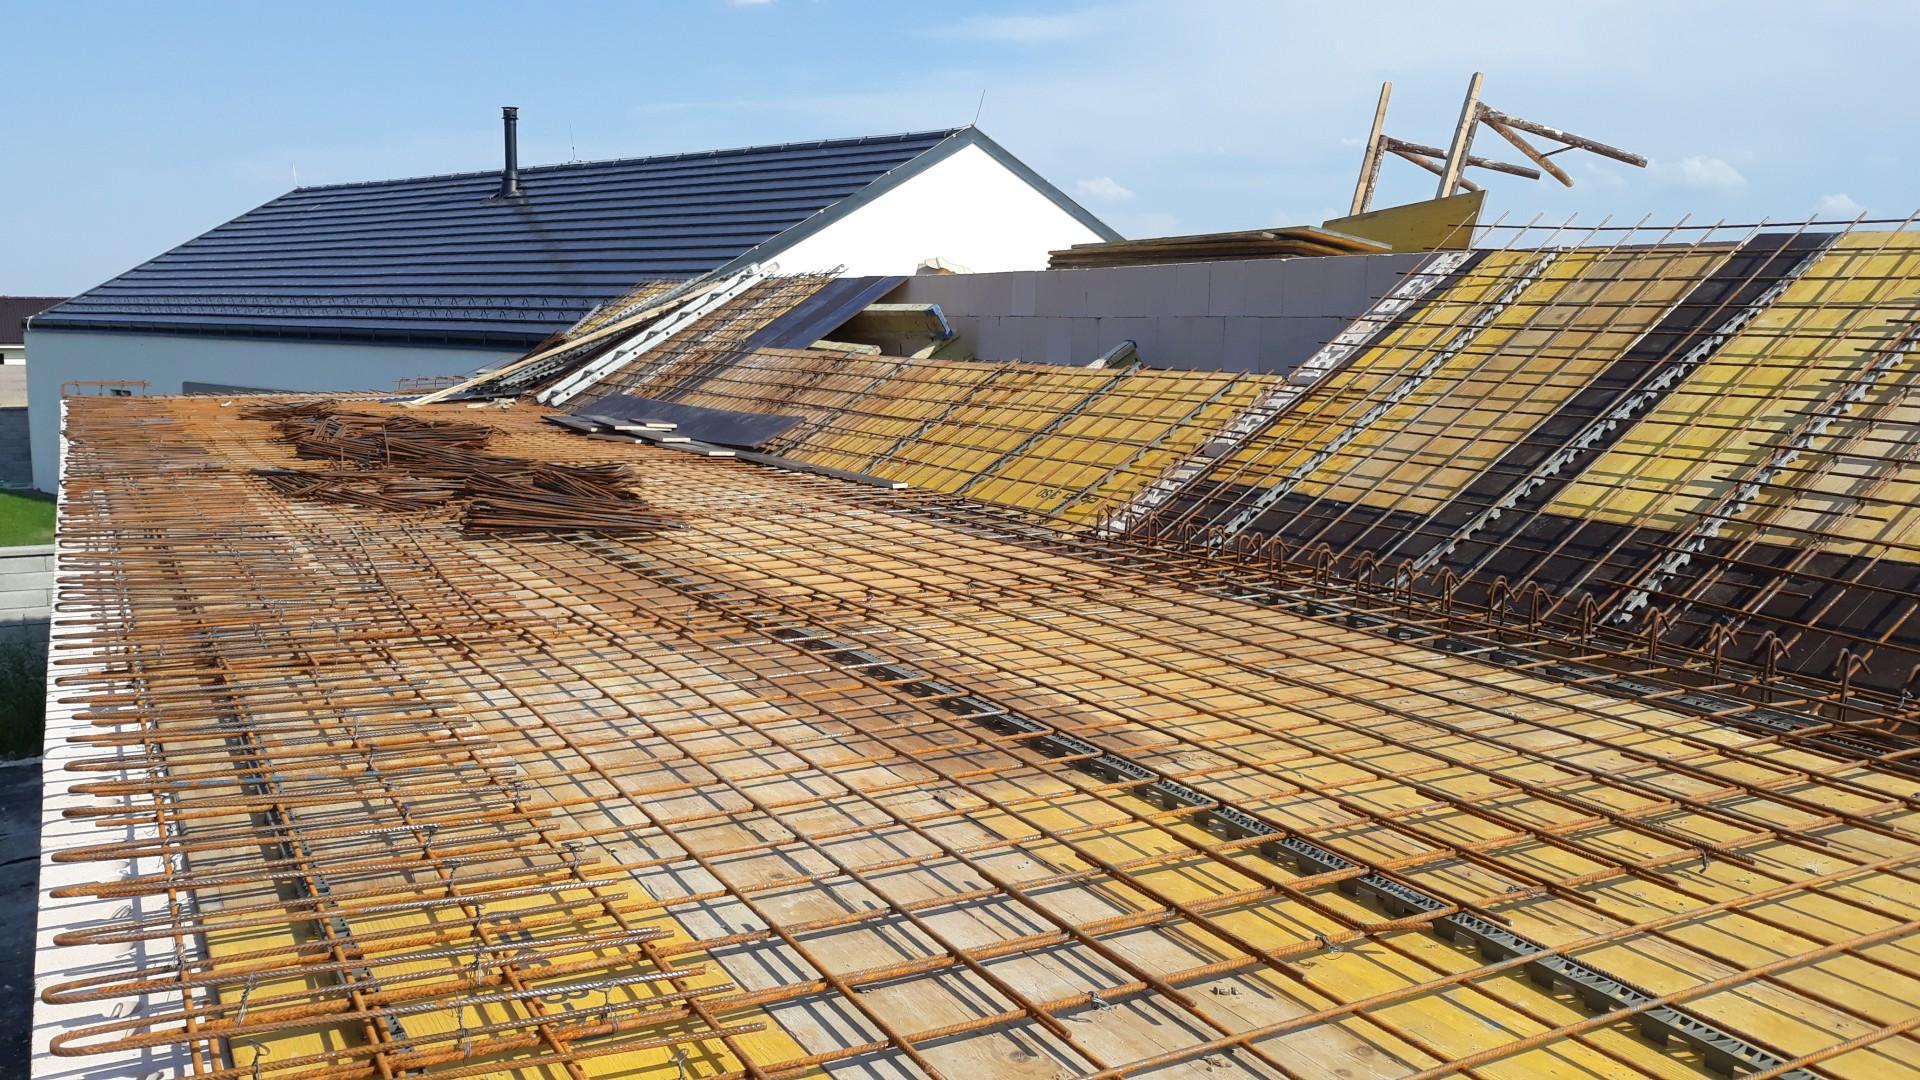 """Vrchná stavba - VPC Kalksandstein murivo, zelená strecha - Prvá vrstva výstuže stropu/strechy.  V """"strede"""" vidieť vynechaný otvor pre svetlík/5 dielne strešné okno. Ďalej bude nasledovať inštalácia trubiek vodného chladenia a chráničky pre elektroinštalácie (stropné svetlá)."""